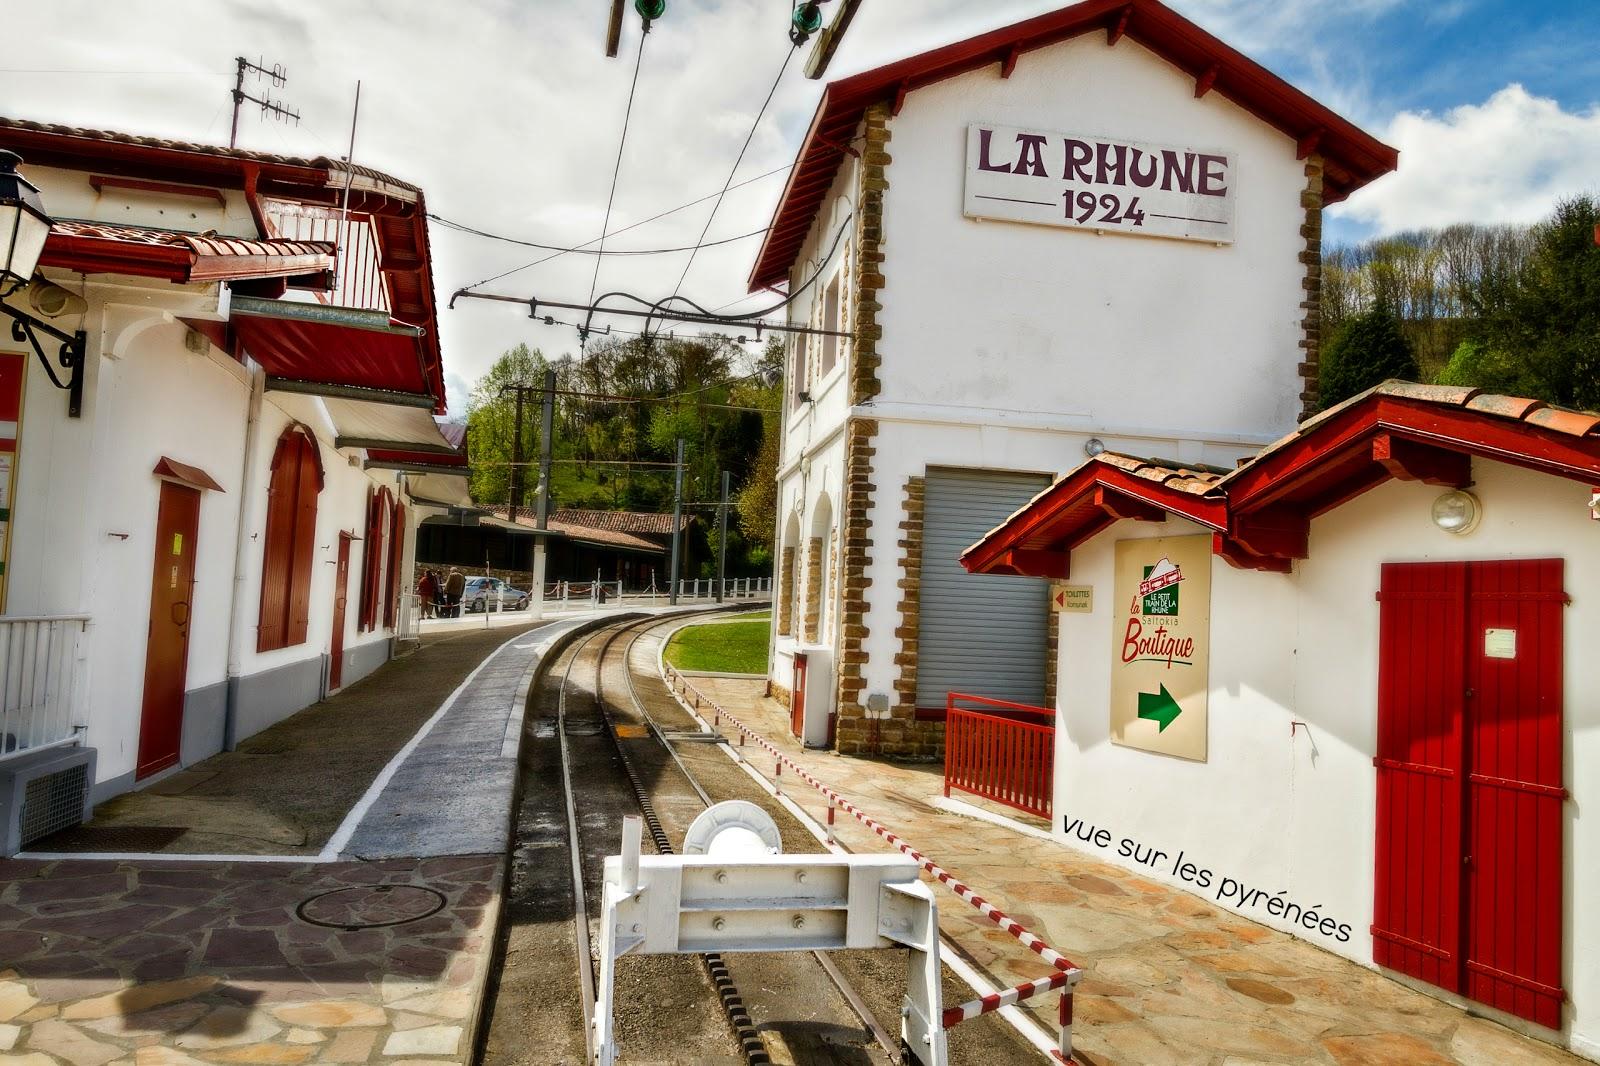 la gare de la Rhune 1924-2014 pays basque